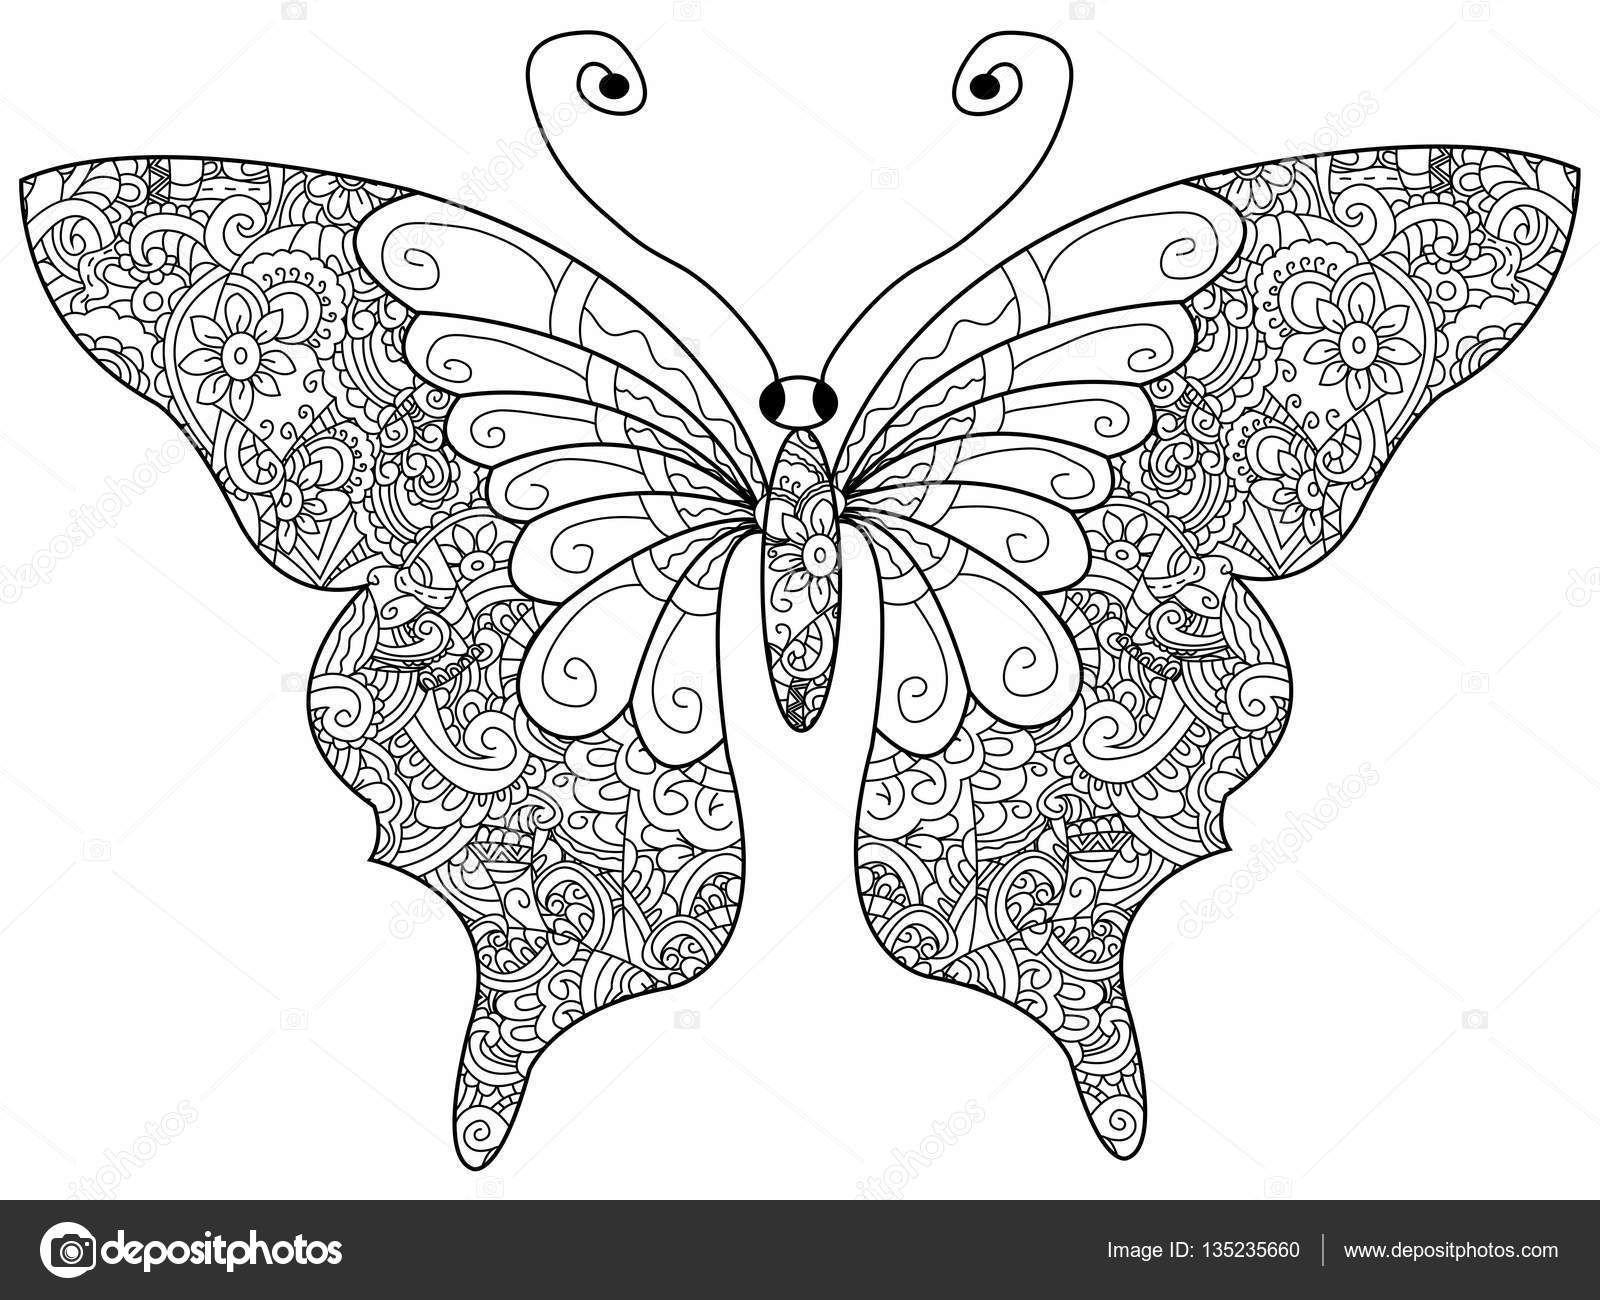 Afbeeldingsresultaat Voor Vlinder Kleurplaat Volwassenen Kleurplaten Voor Volwassenen Mandala Kleurplaten Kleurboek